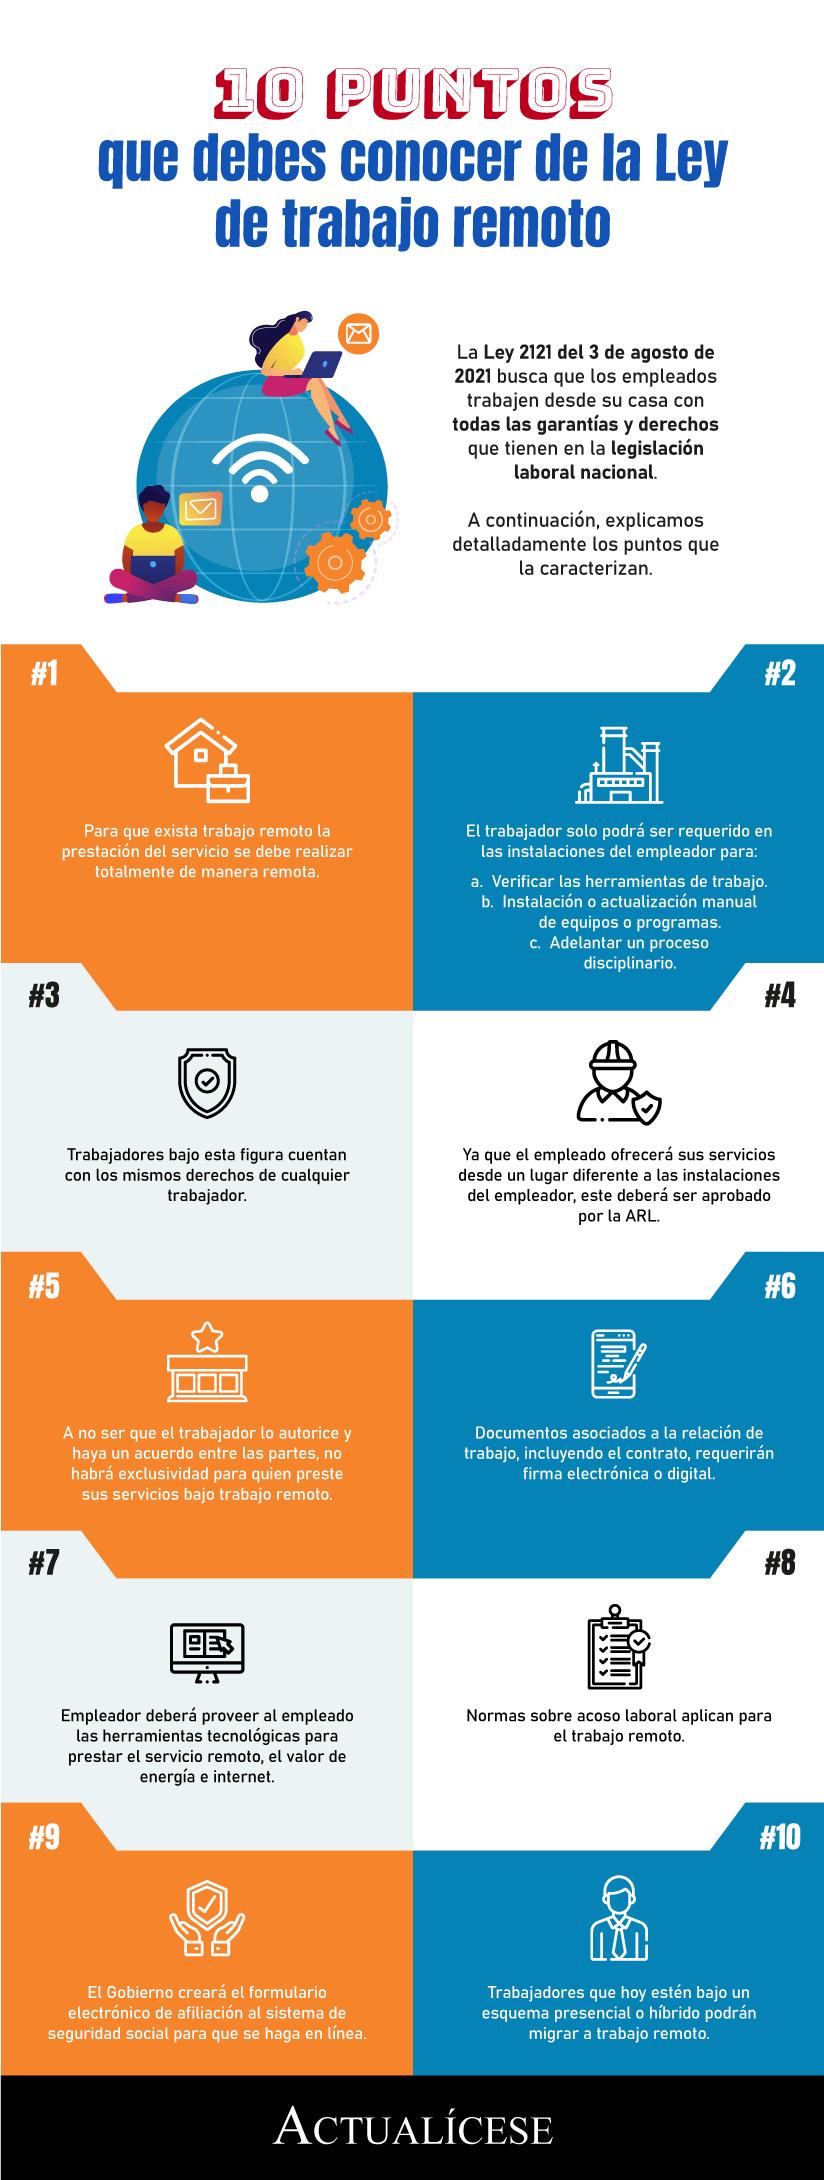 [Infografía] 10 puntos que debes conocer de la Ley de trabajo remoto